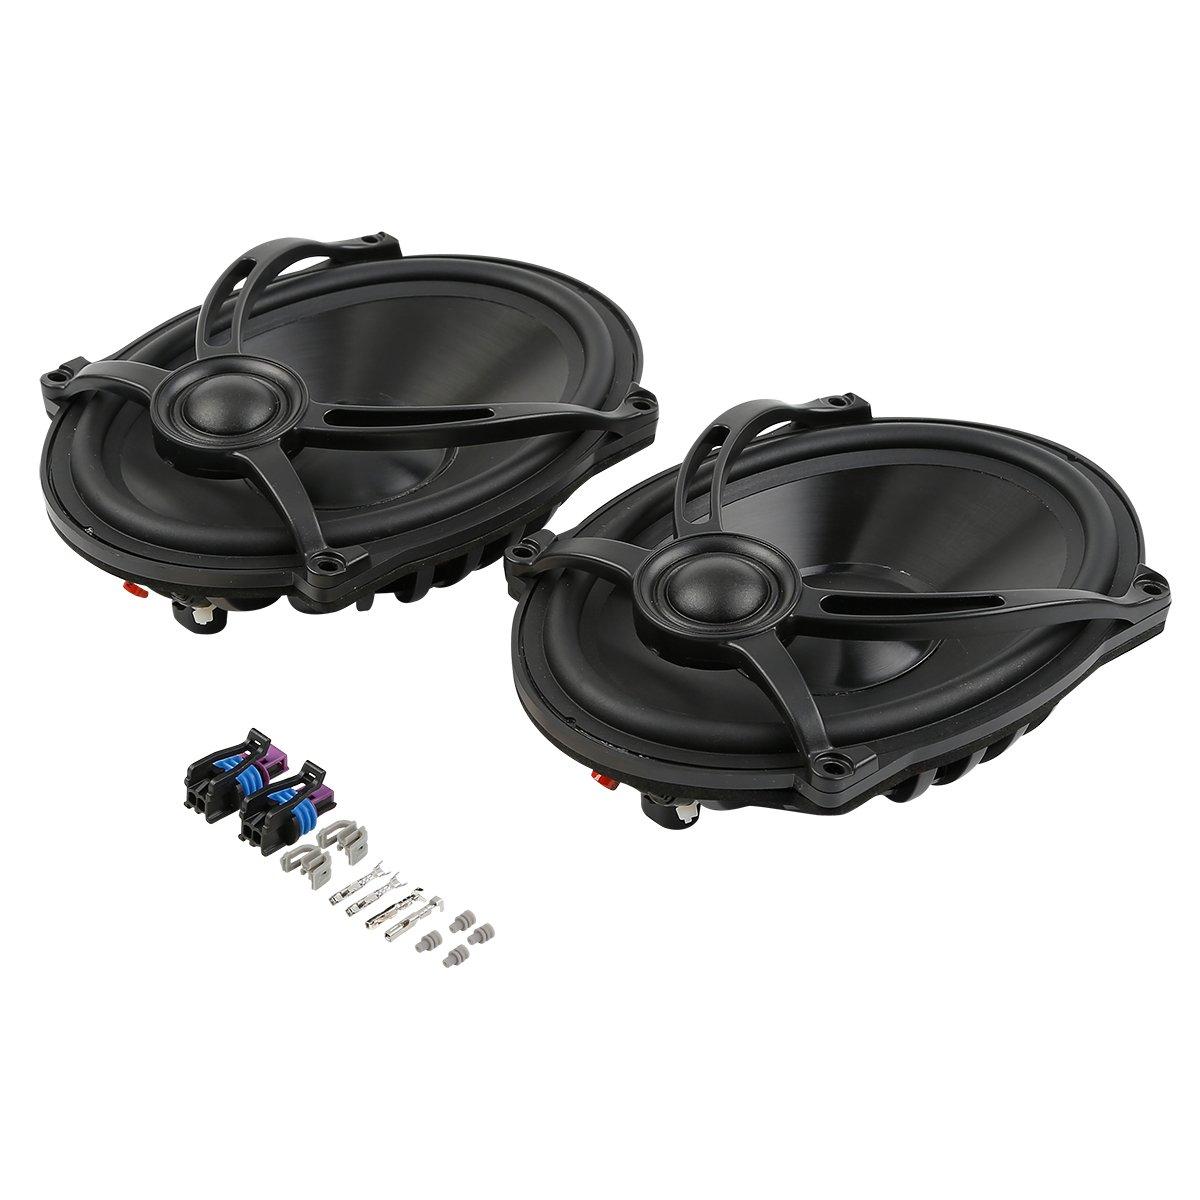 XMT-MOTO 5'x7' Saddlebag Lid Speaker For Harley Touring Road King Electra Glide 1994-2018